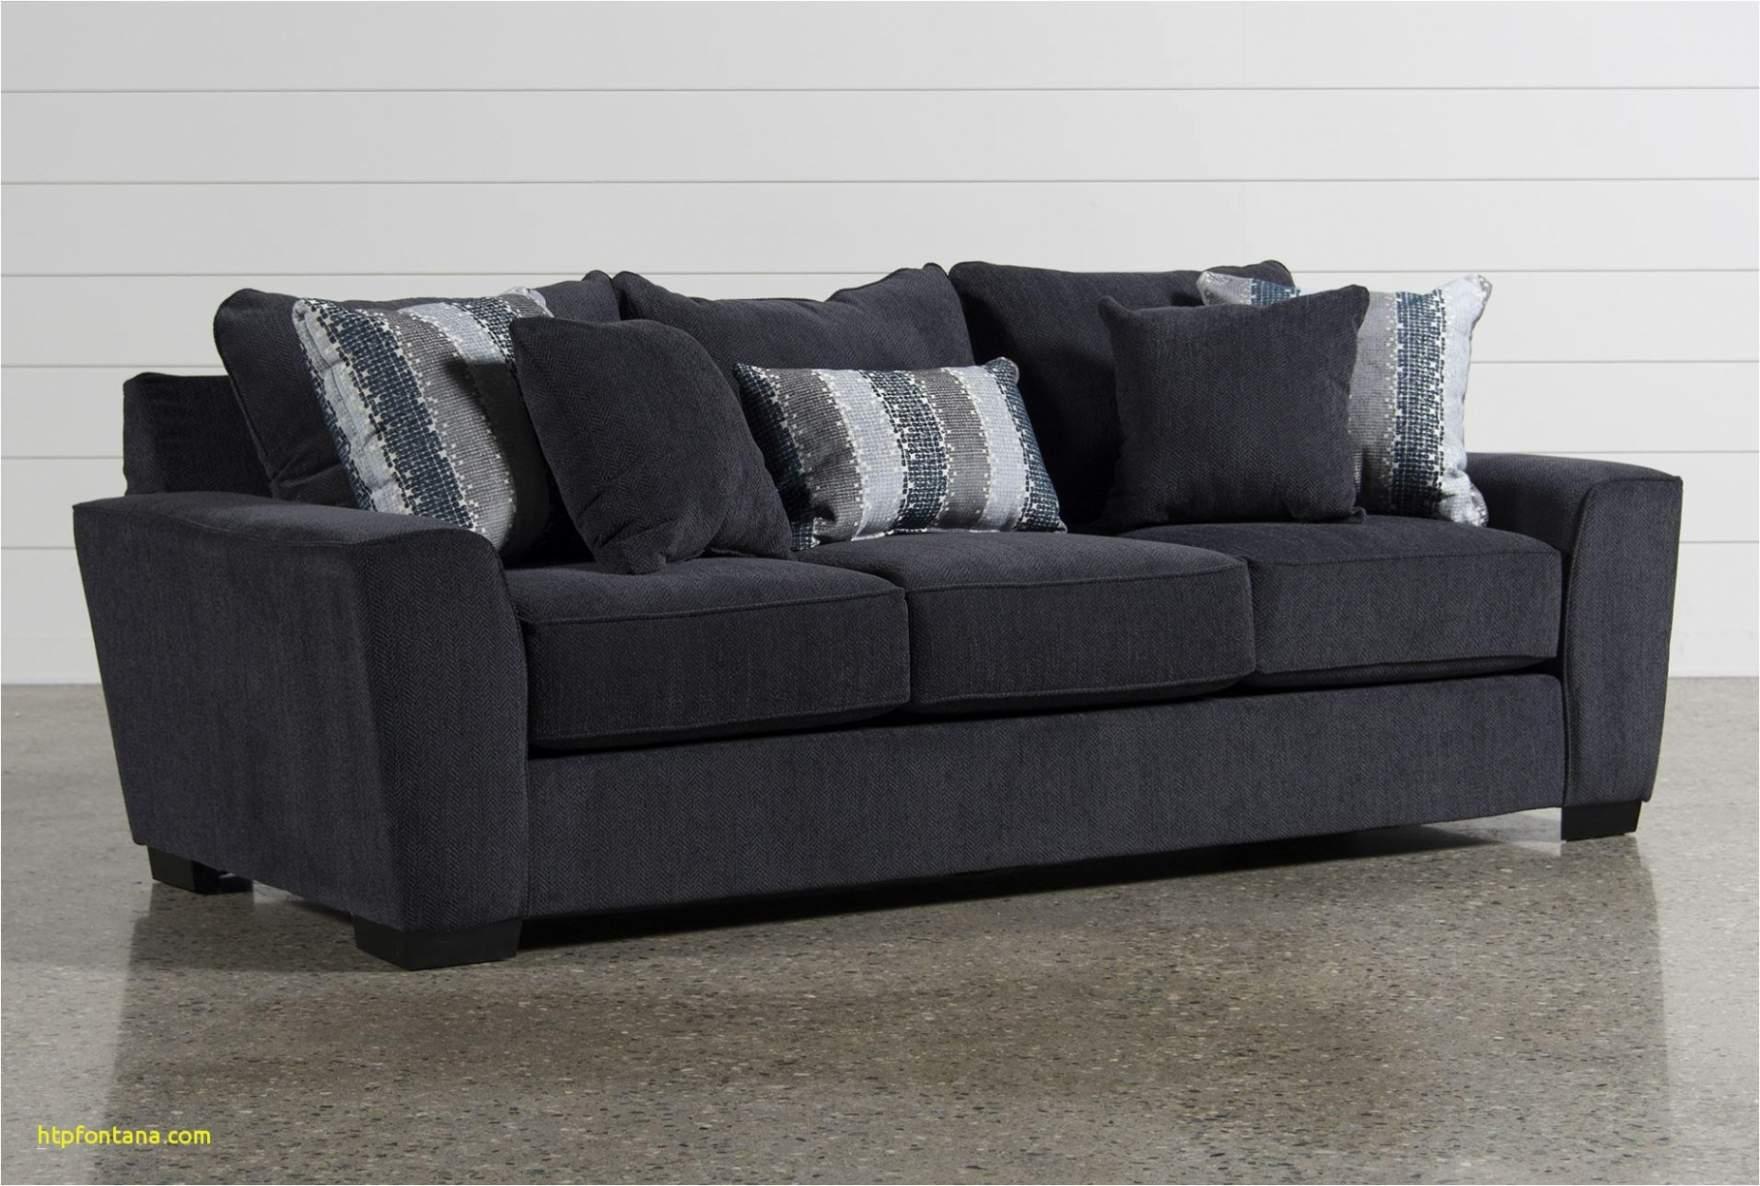 sofa berlin outlet yct projekte wohnen luxus berlin wohnen luxus berlin